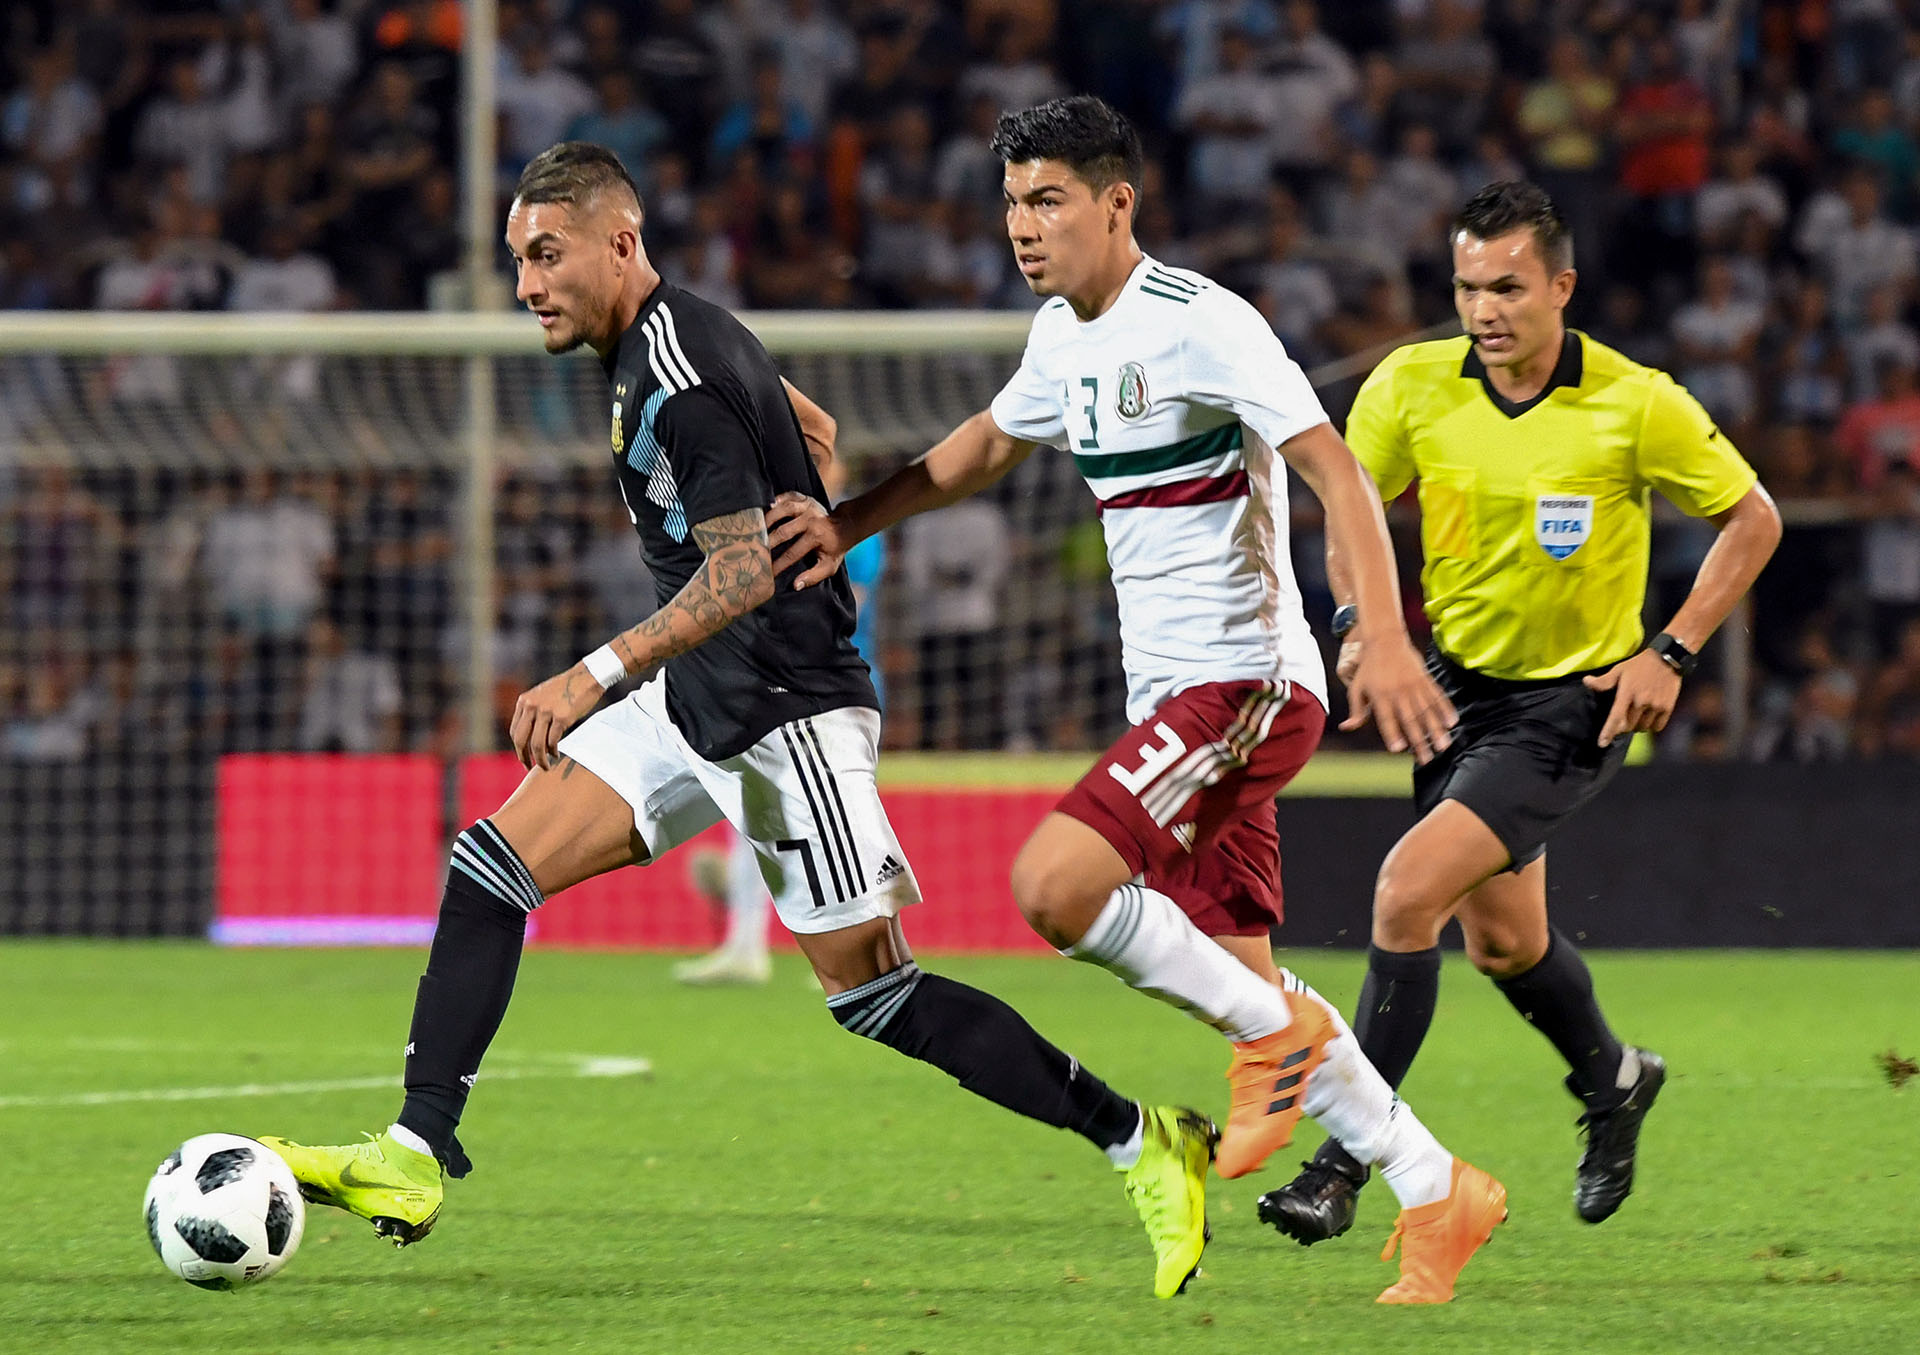 En la segunda parte, con los cambios, Argentina bajó la intensidad. Y eso generó que, tímidamente, México se acercara. y hasta asustó con un cabezazo de Gallardo que tapó el debutante Gazzaniga, portero del Tottenham (volvió a responder bien a los 39′ ante un remate de Guzmán (Telam)